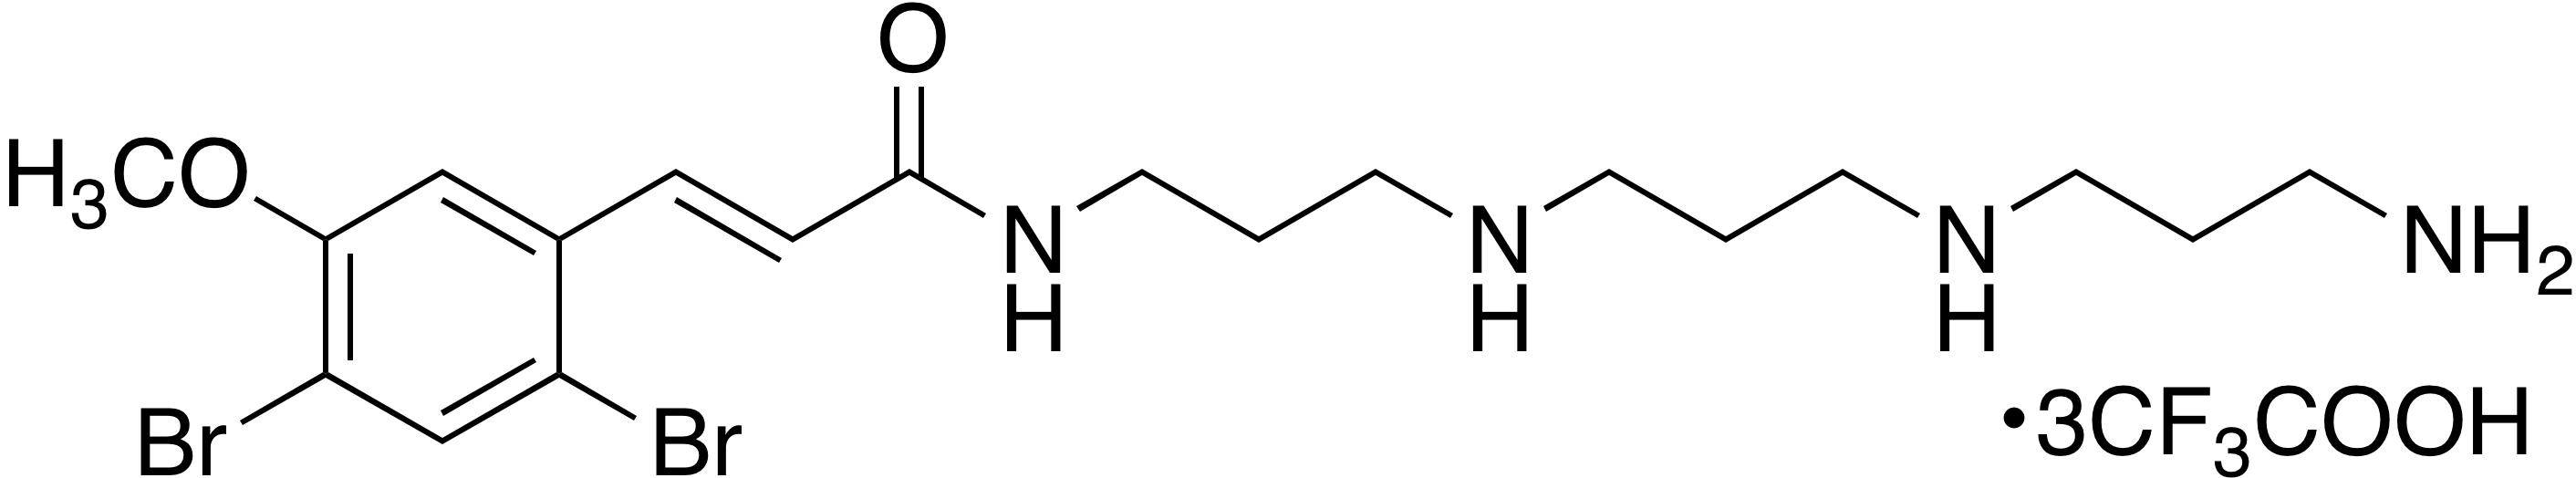 (E)-N-(3-((3-((3-Aminopropyl)amino)propyl)amino)propyl)-3-(2,4-dibromo-5-methoxyphenyl)acrylamidetrifluoroacetate (1:3)